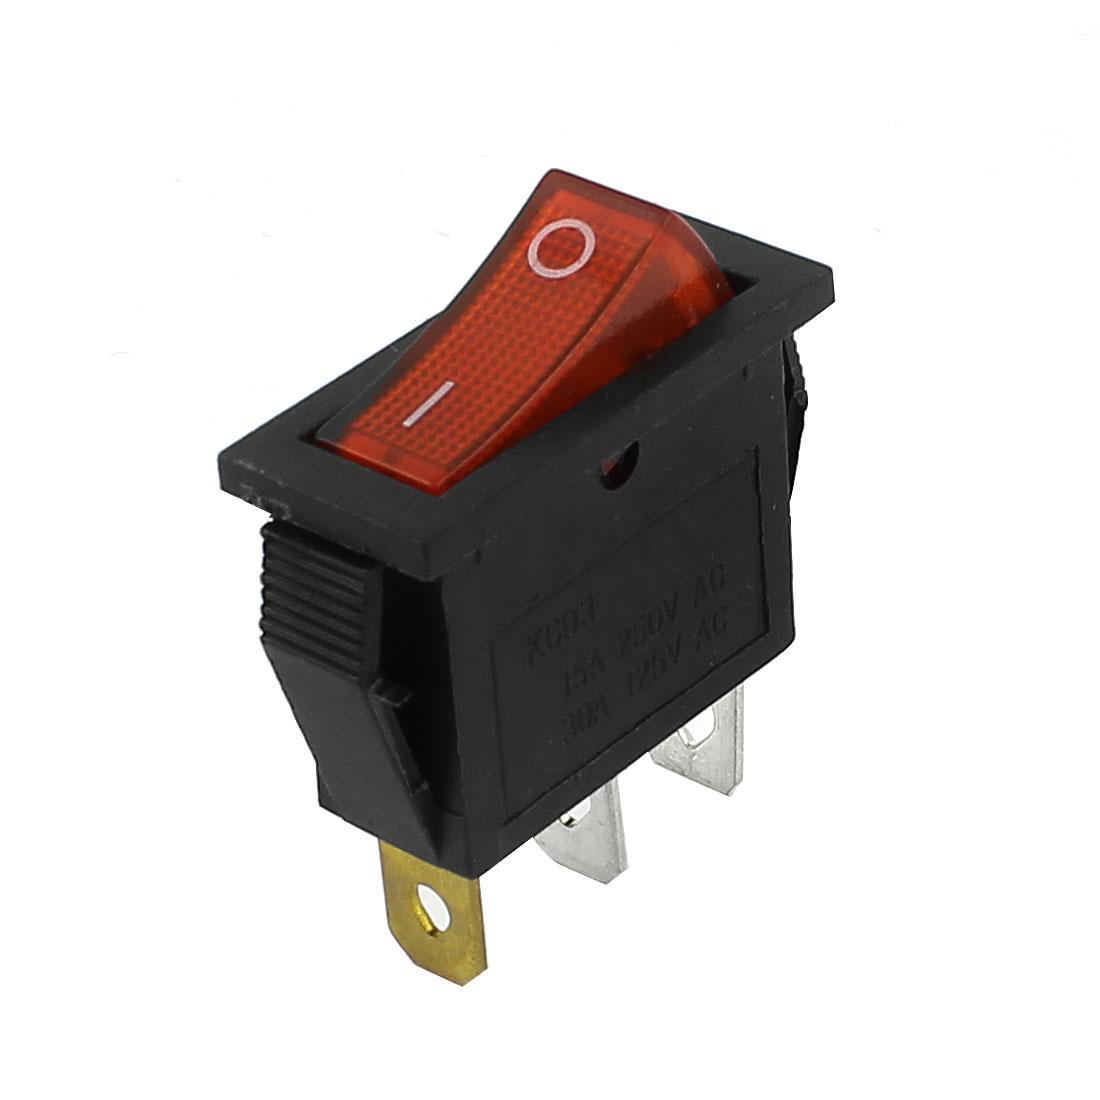 Red Light ON-OFF I/O SPST Snap in Rocker Switch 3 Pin AC 250V 15A 125V 30A